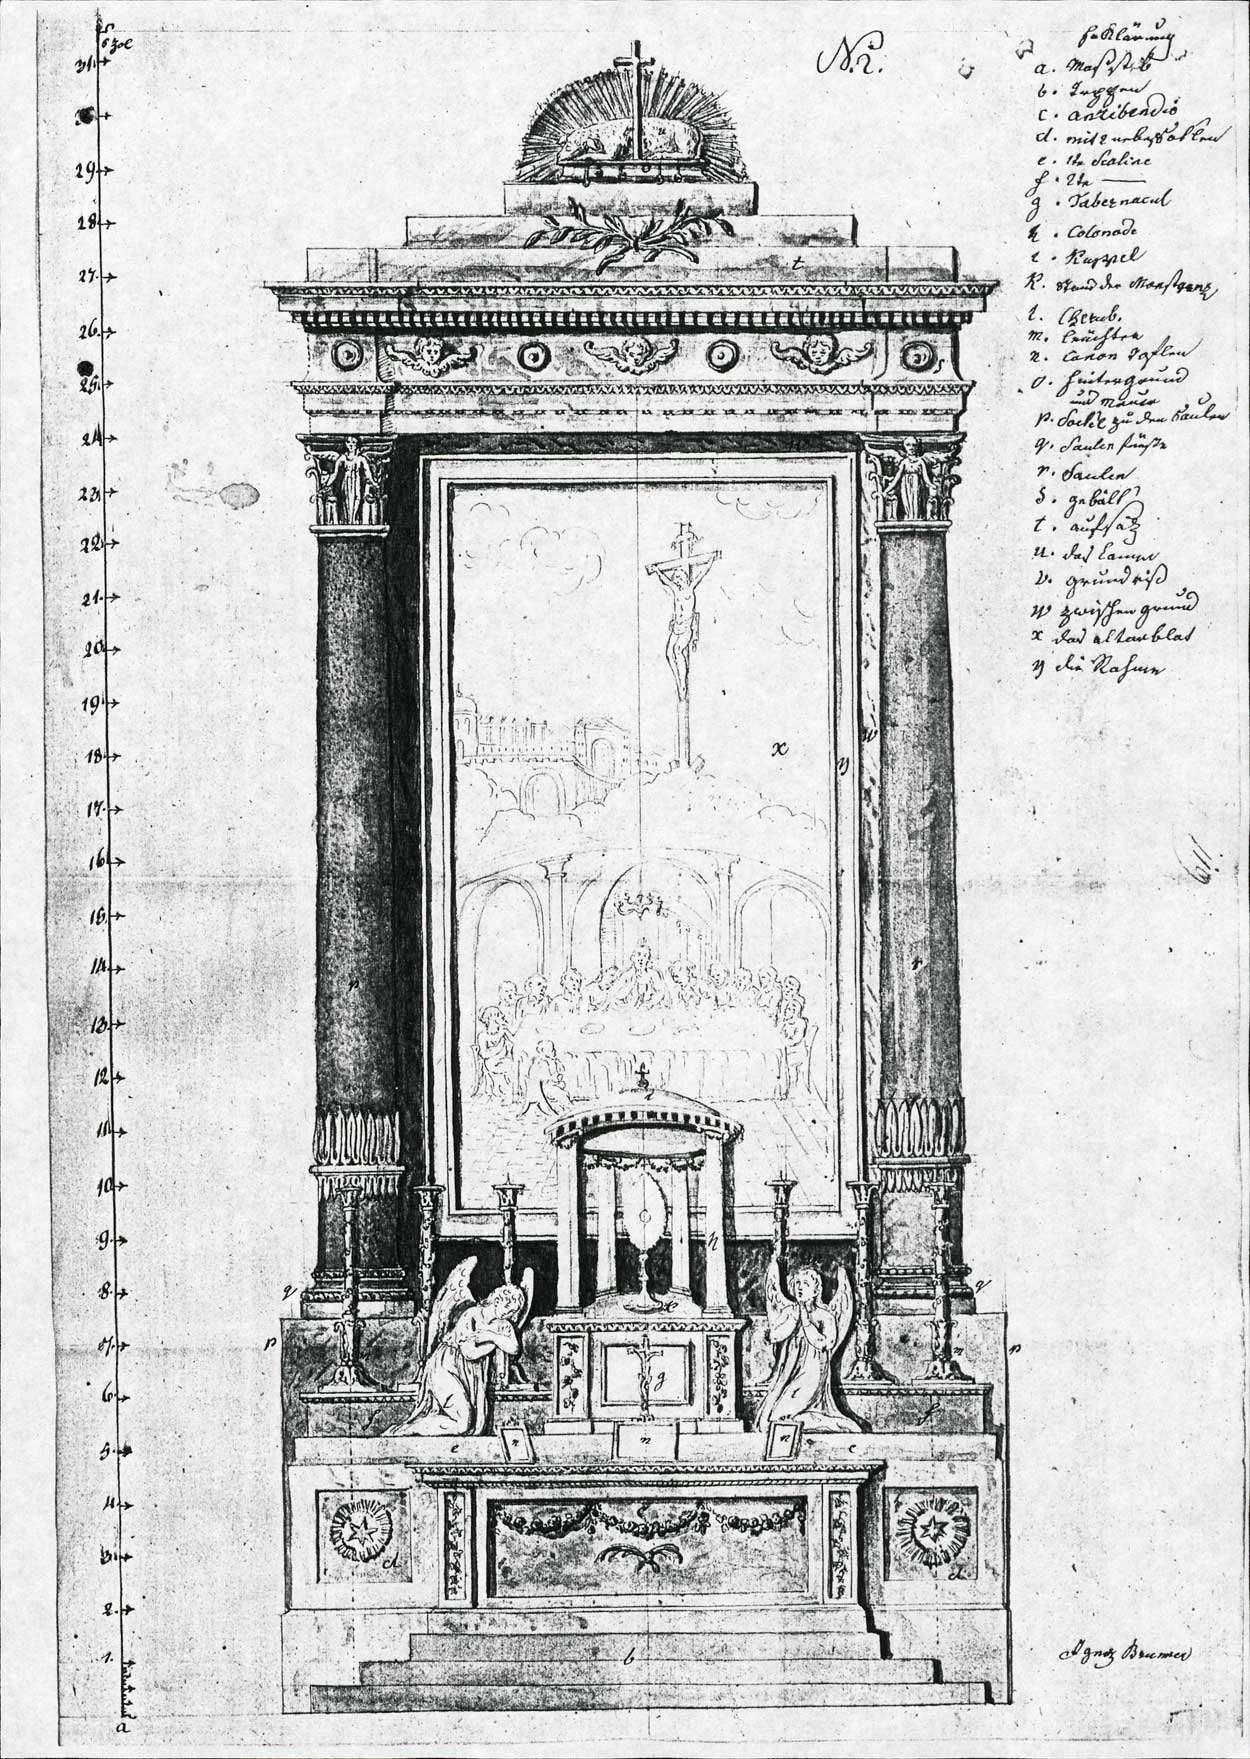 Erbauung und Unterhaltung der Pfarrkirche zu Stetten, Bild 2